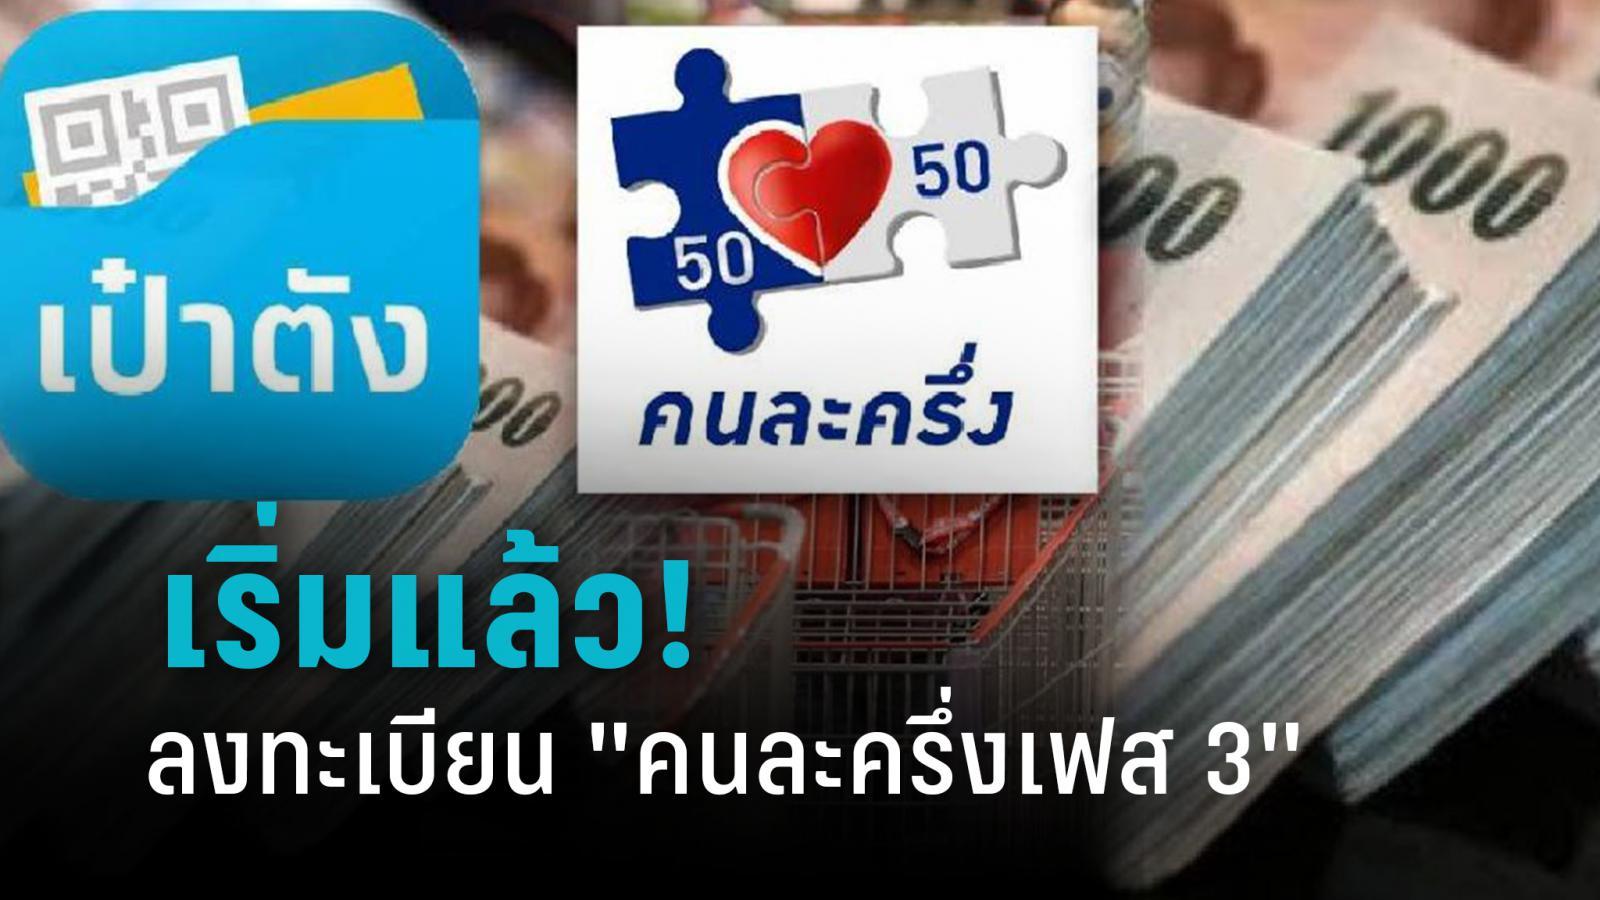 เข้าลงทะเบียนคนละครึ่งเฟส 3 กรอกข้อมูล 3 ส่วน ใน www.คนละครึ่ง.com รับสิทธิ 3,000 เริ่มแล้ววันนี้